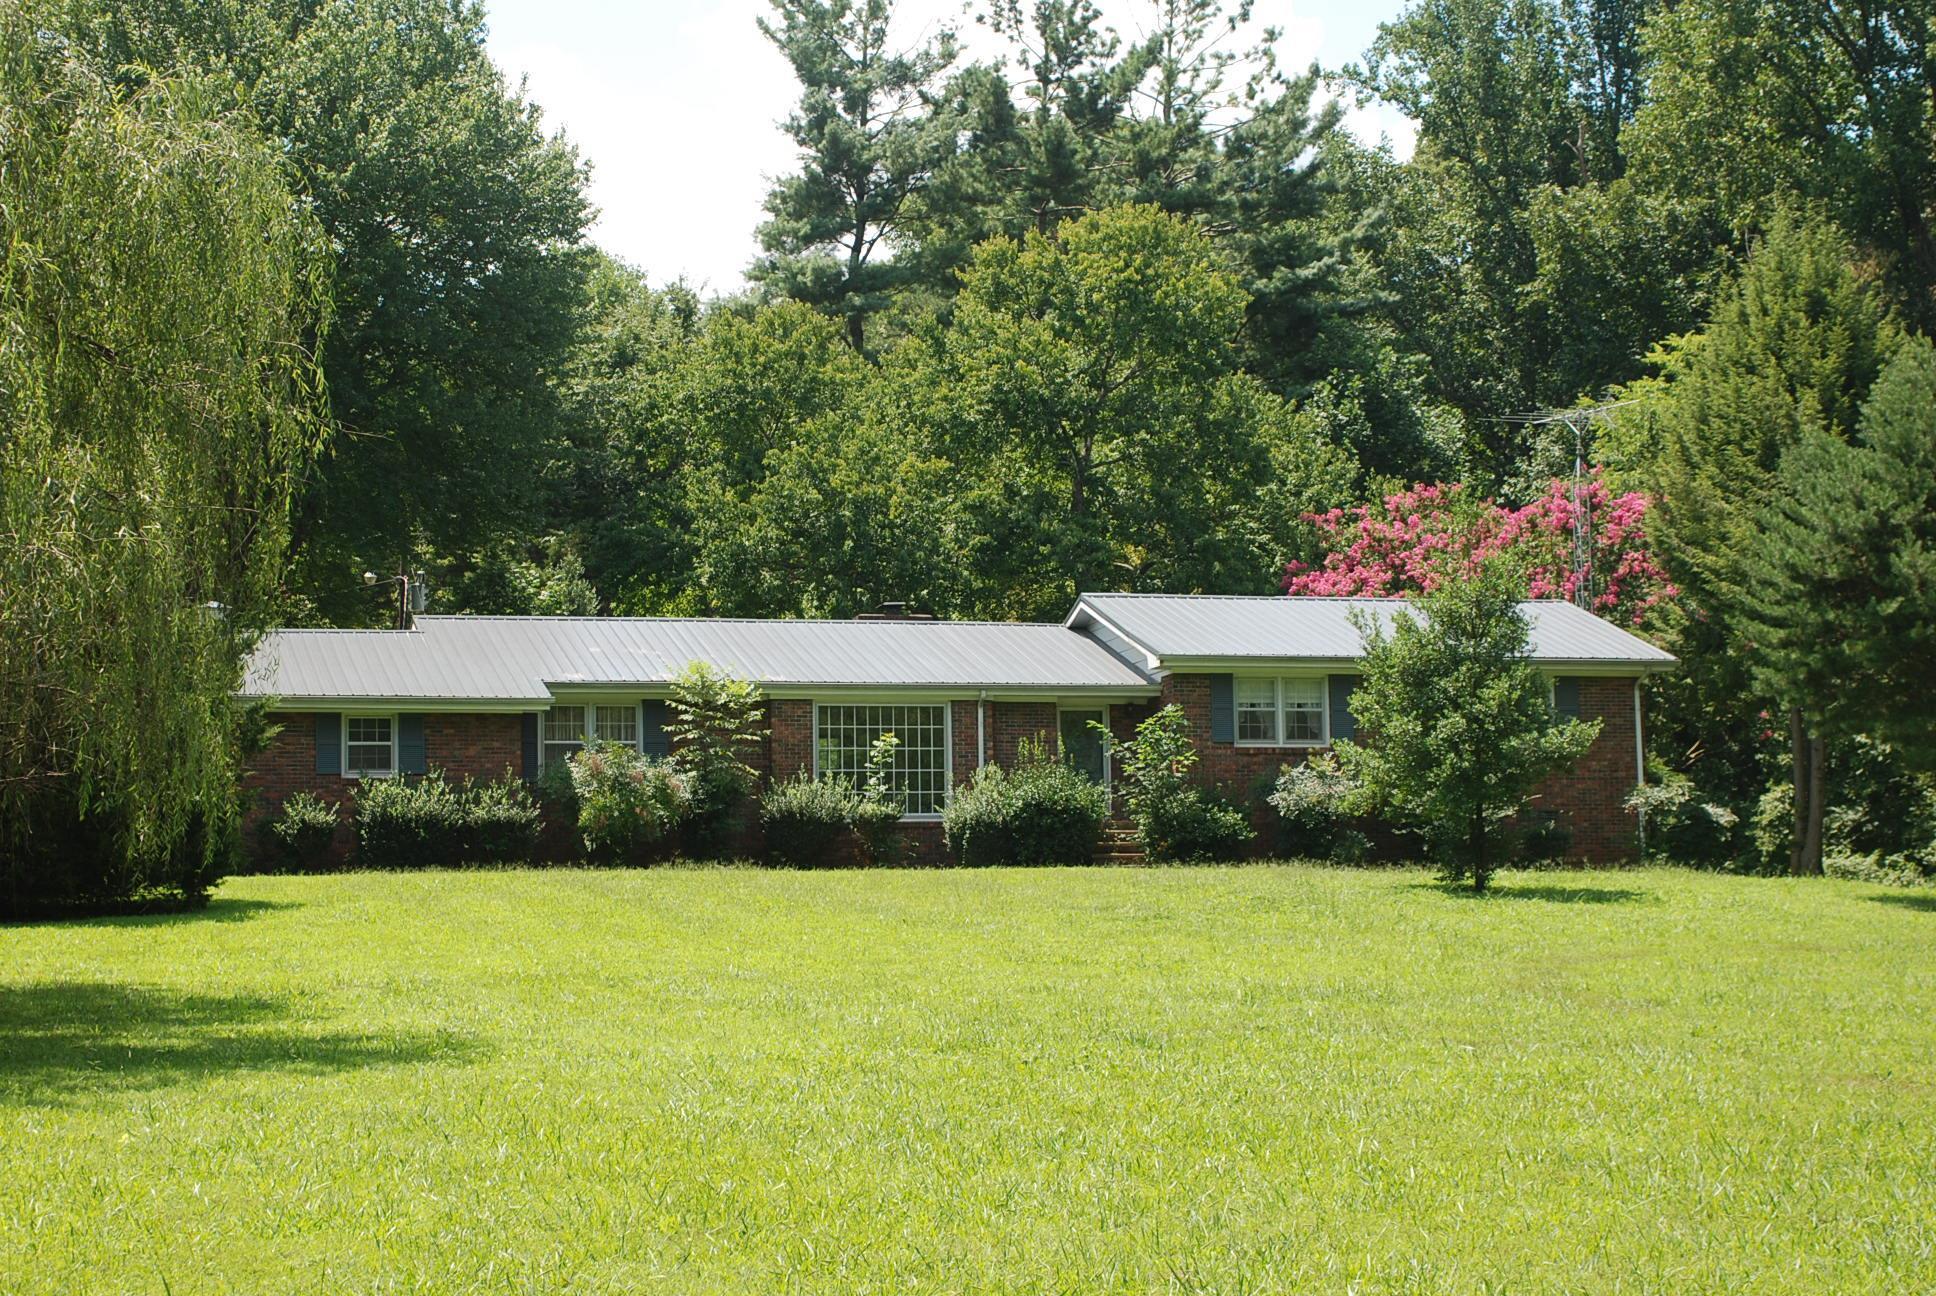 794 Centennial Rd, Winchester, TN 37398